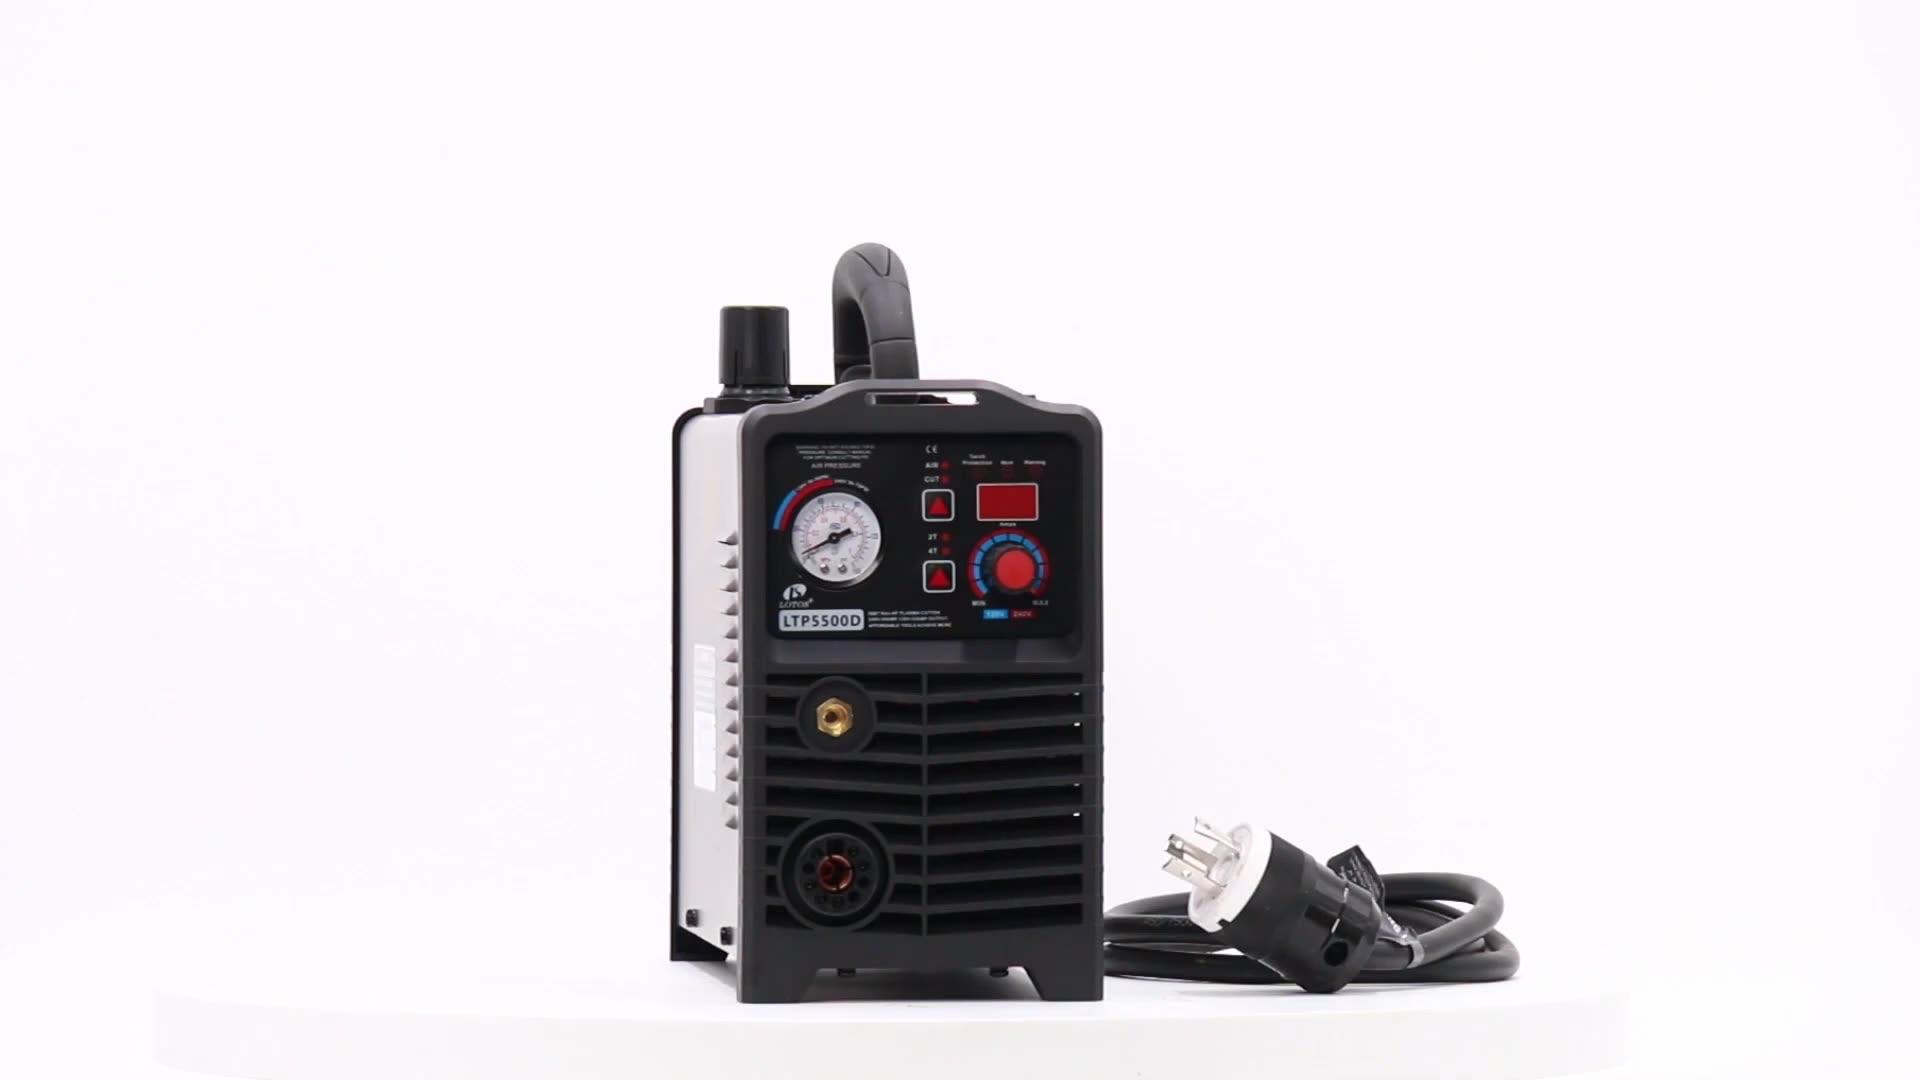 Lotos LTP5500 Không HF Cutter Plasma IGBT DC Inverter Máy Cắt Kim Loại 110/220vac Igbt Cnc Plasma Cutter Cắt 70 220V